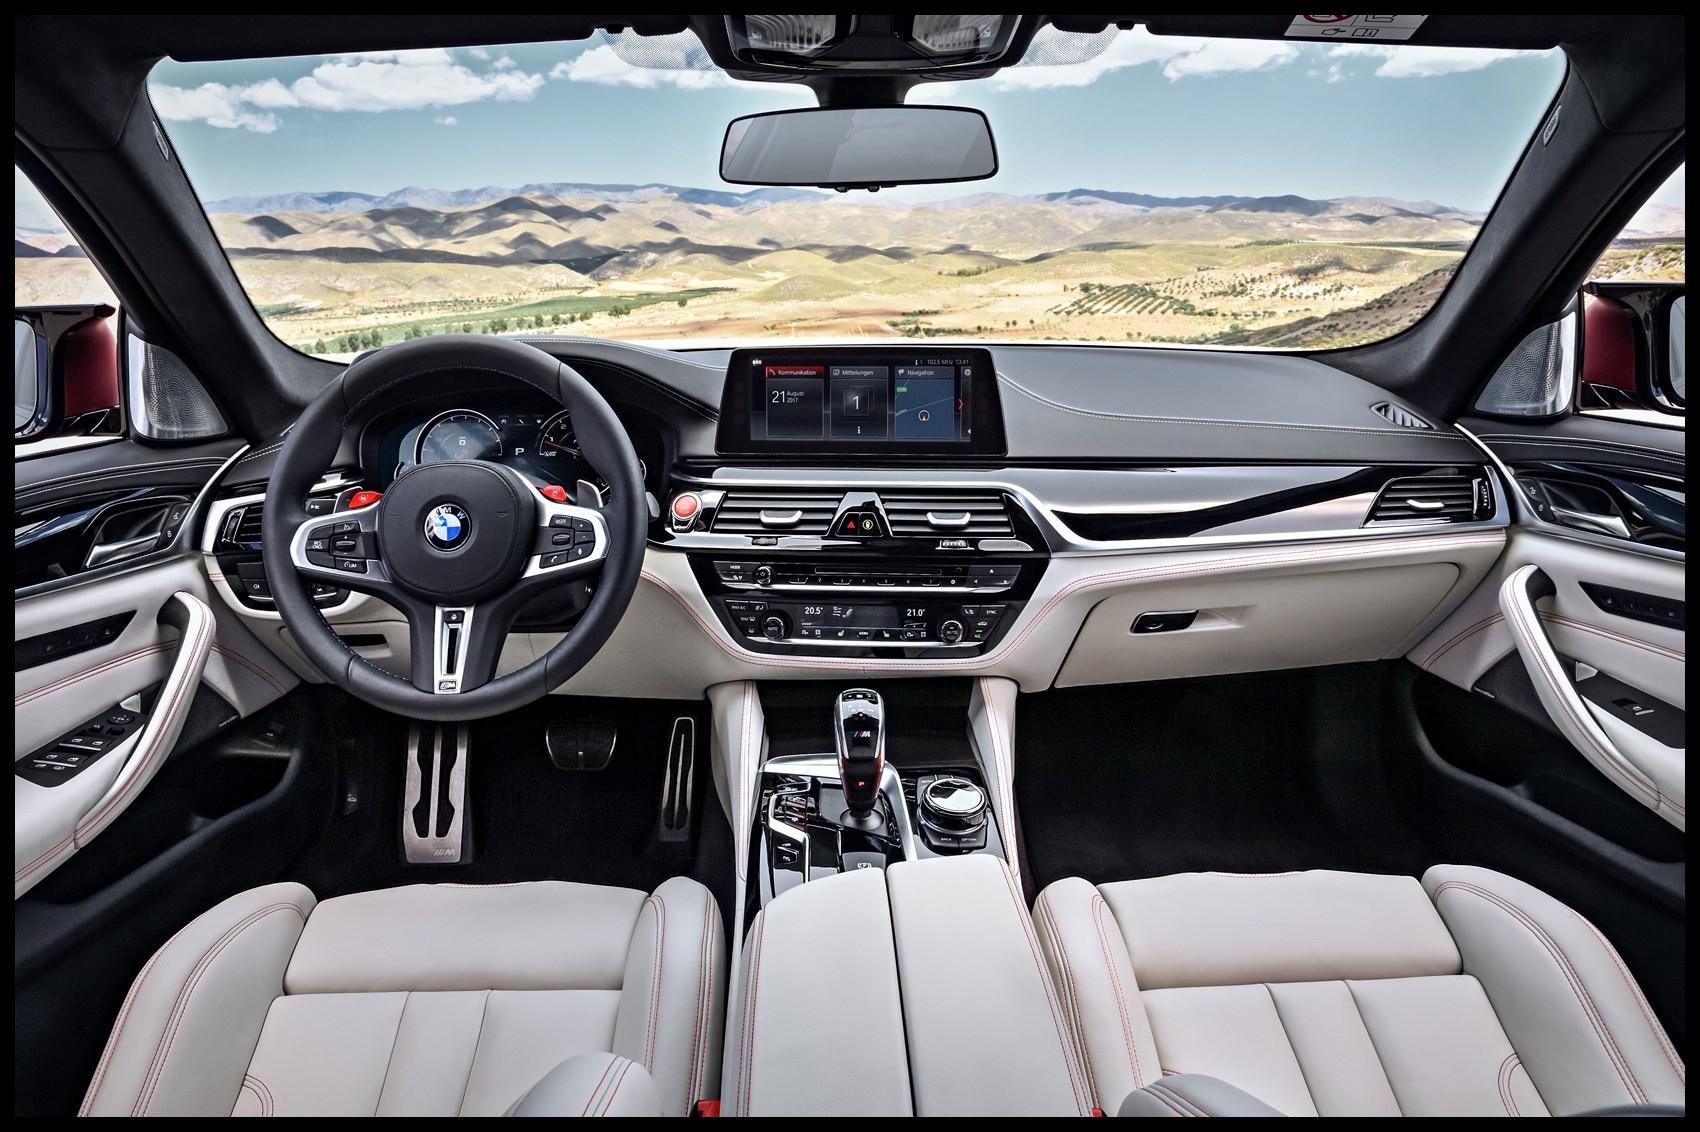 Take a BMW Car for a Test Drive at BMW of El Cajon